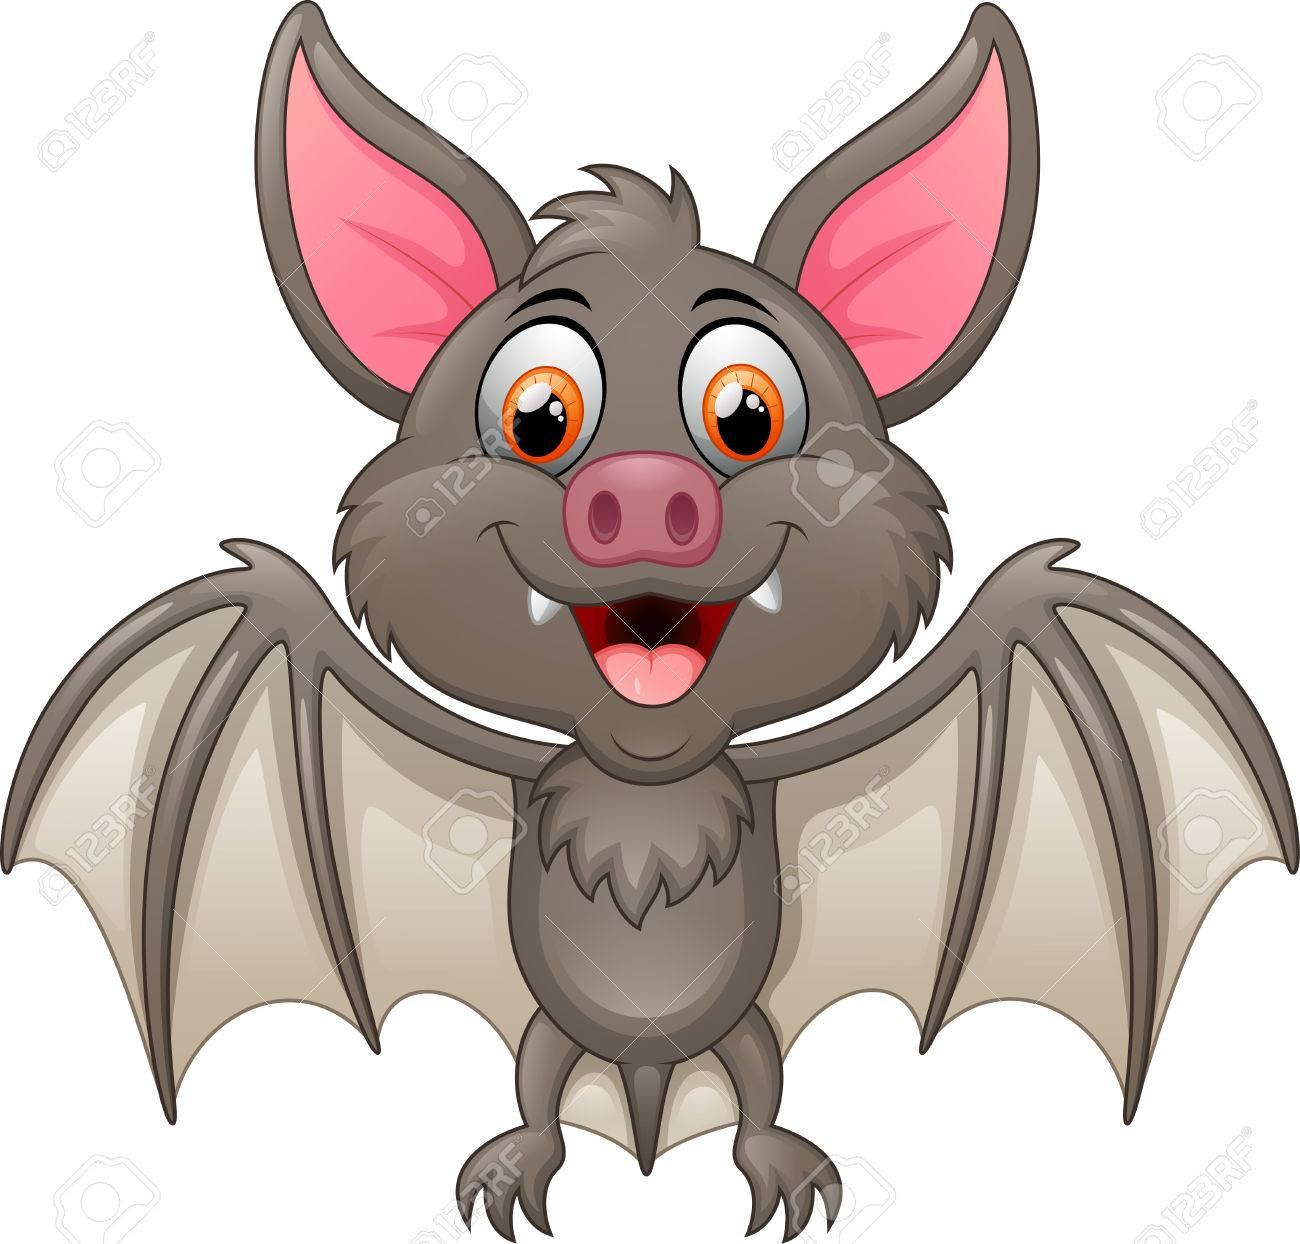 happy vampire bat cartoon character flying stock photo 46694682 - Bat Cartoon